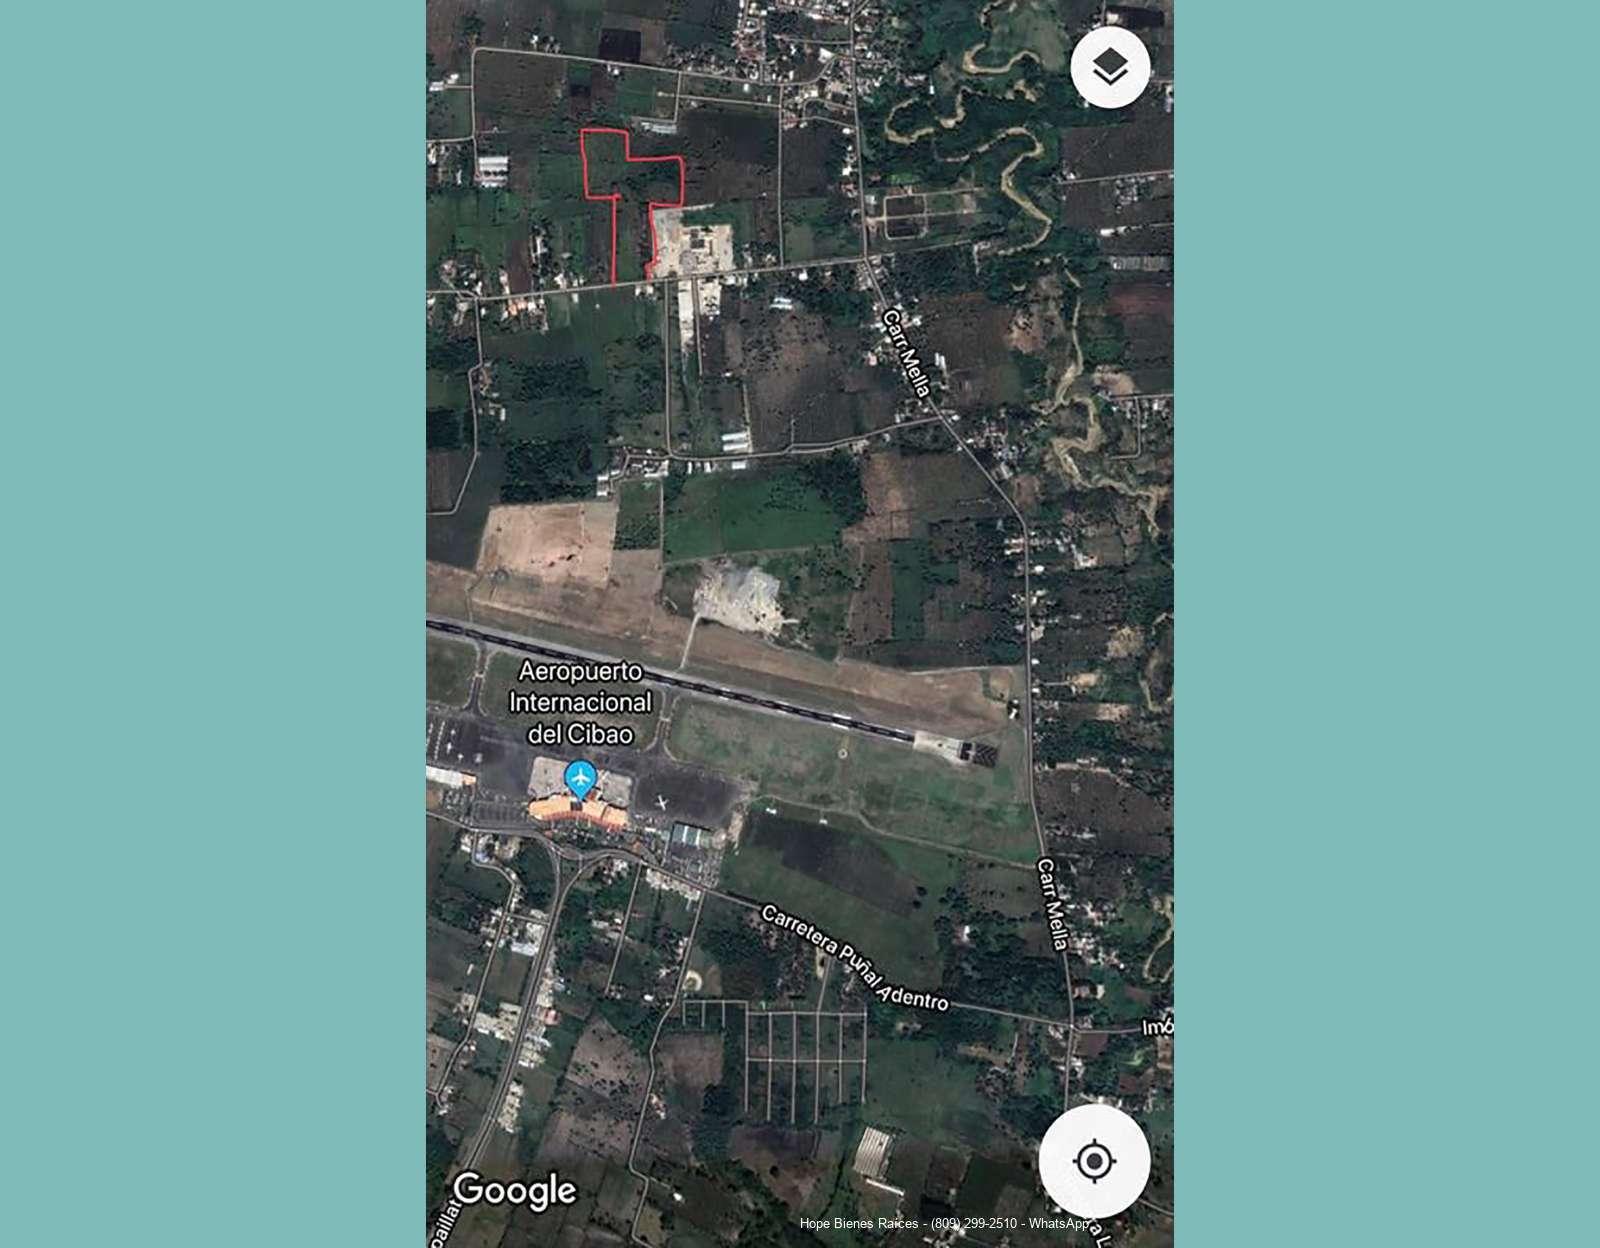 Vista relativa al Aeropuerto del Cibao